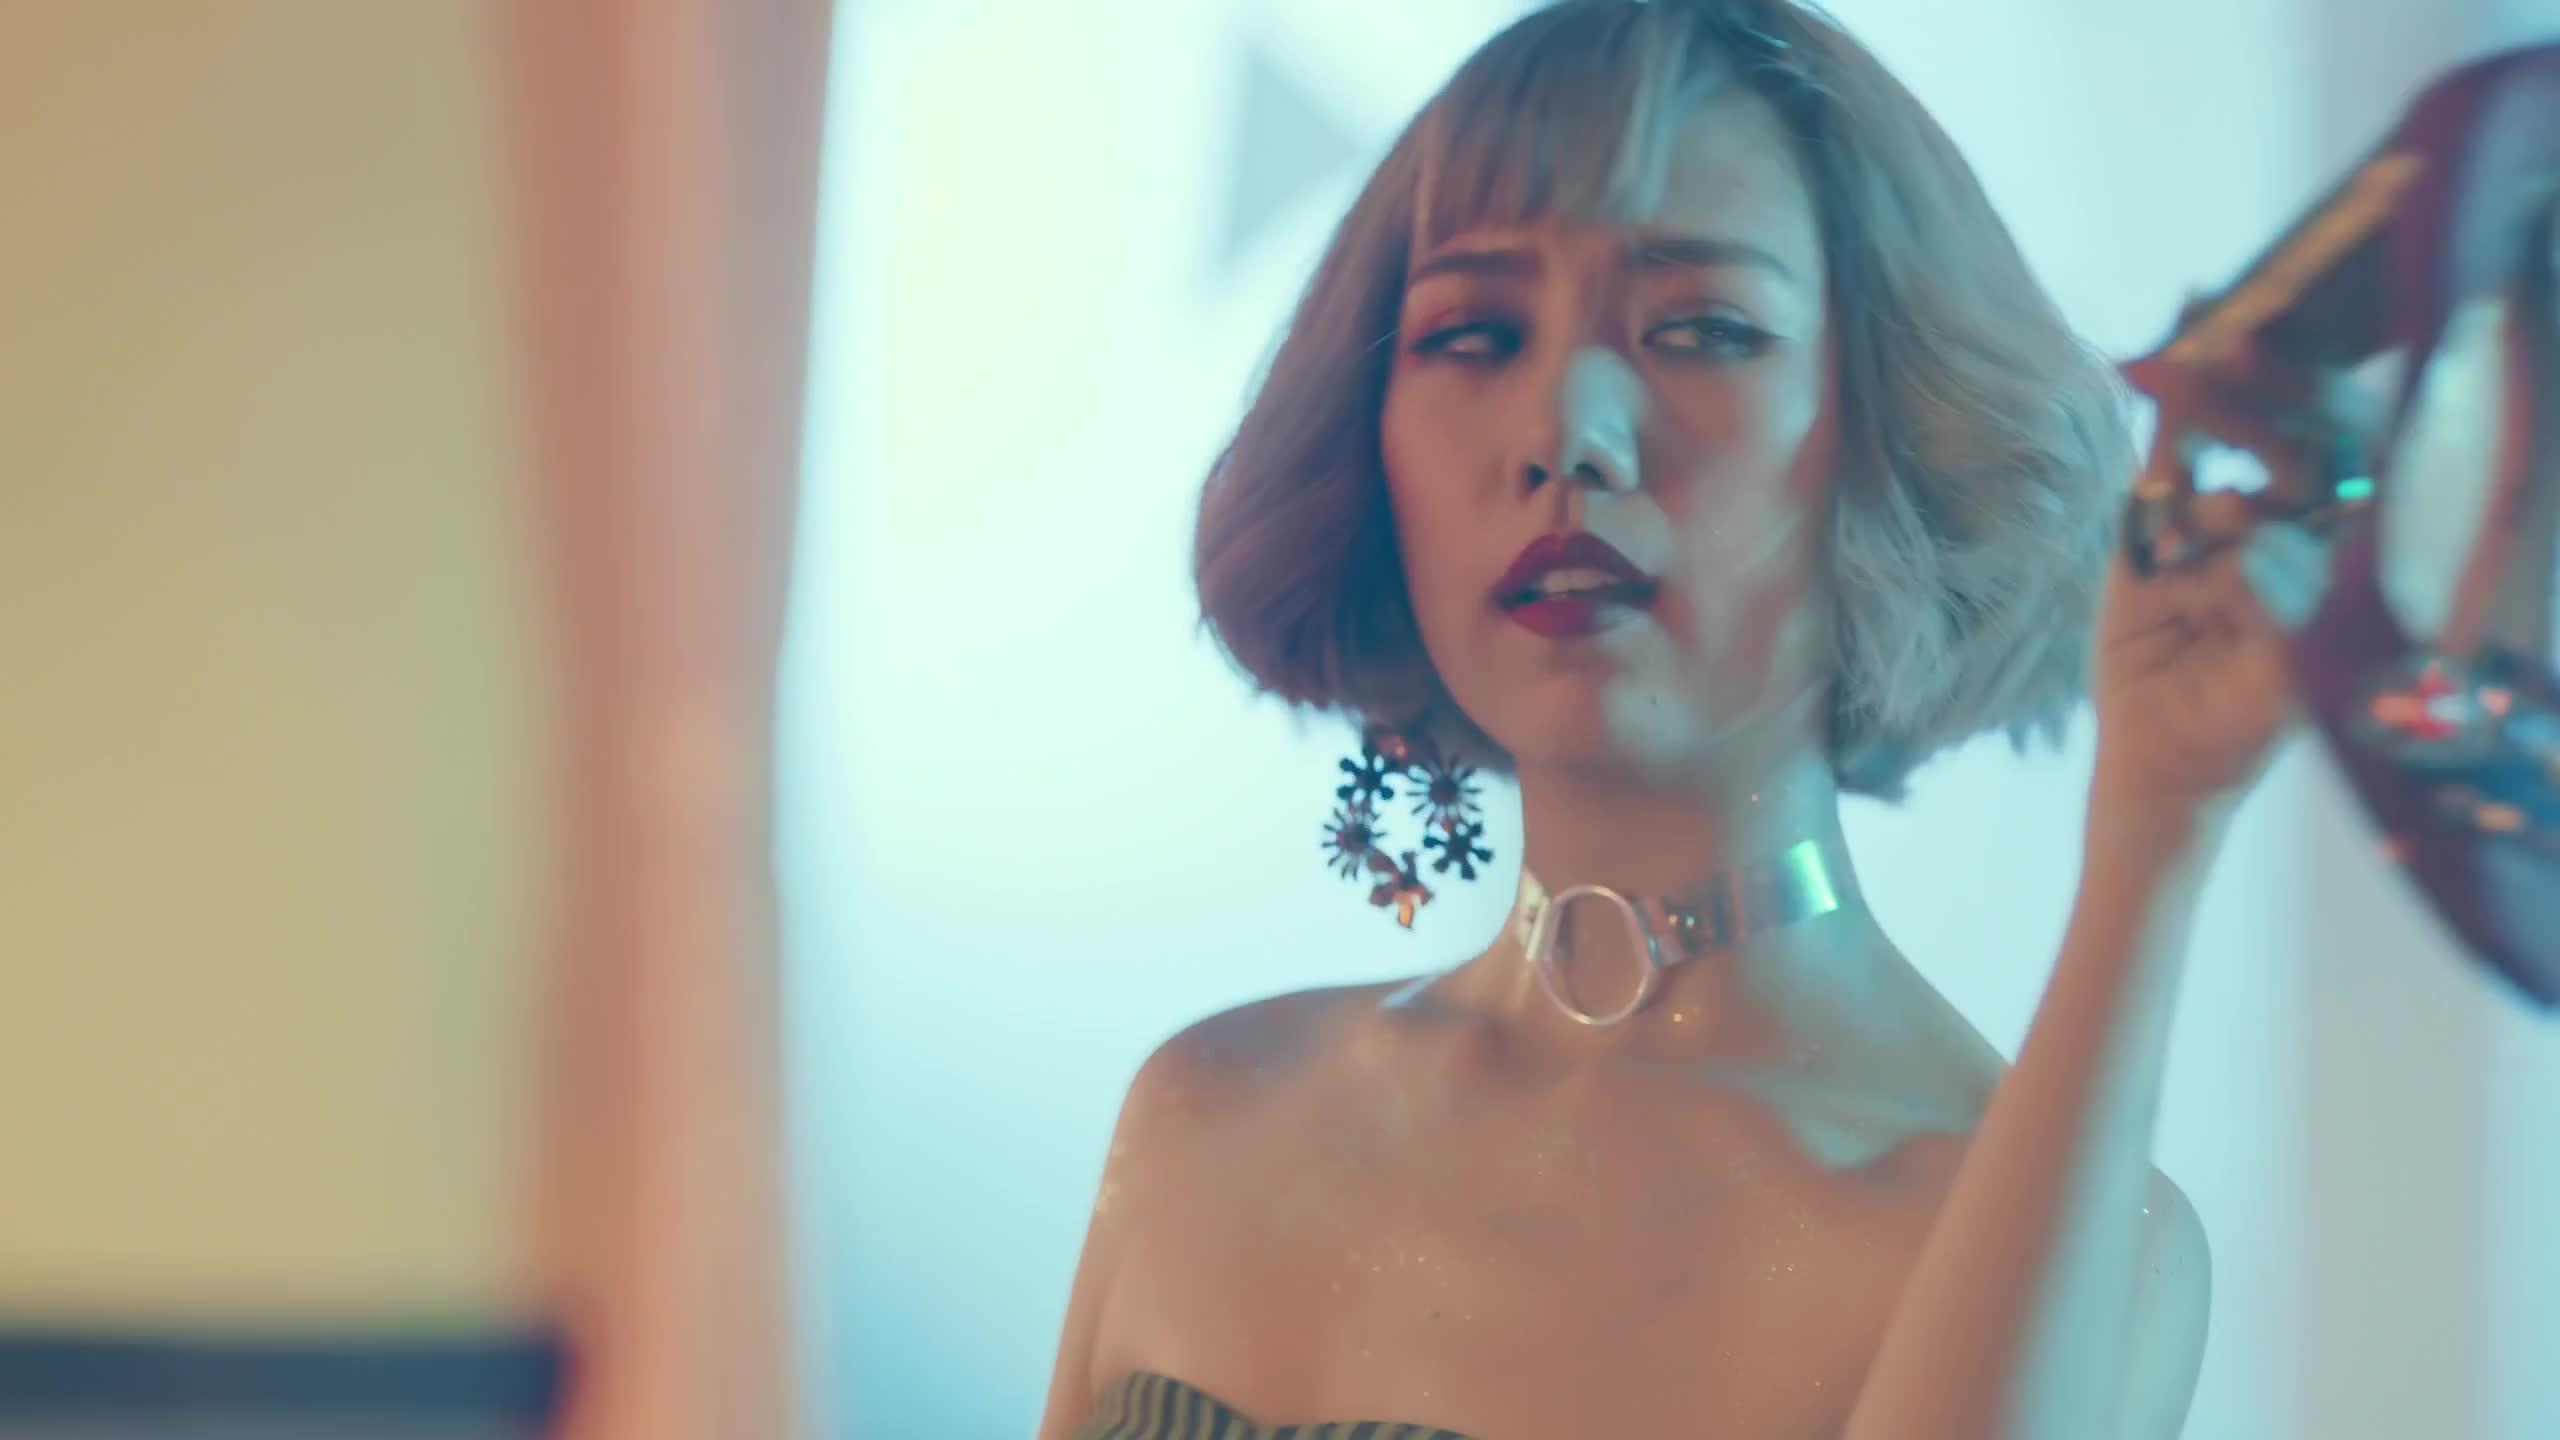 Sau Có em chờ, Min tiếp tục ghi điểm với diễn xuất ấn tượng trong MV mới